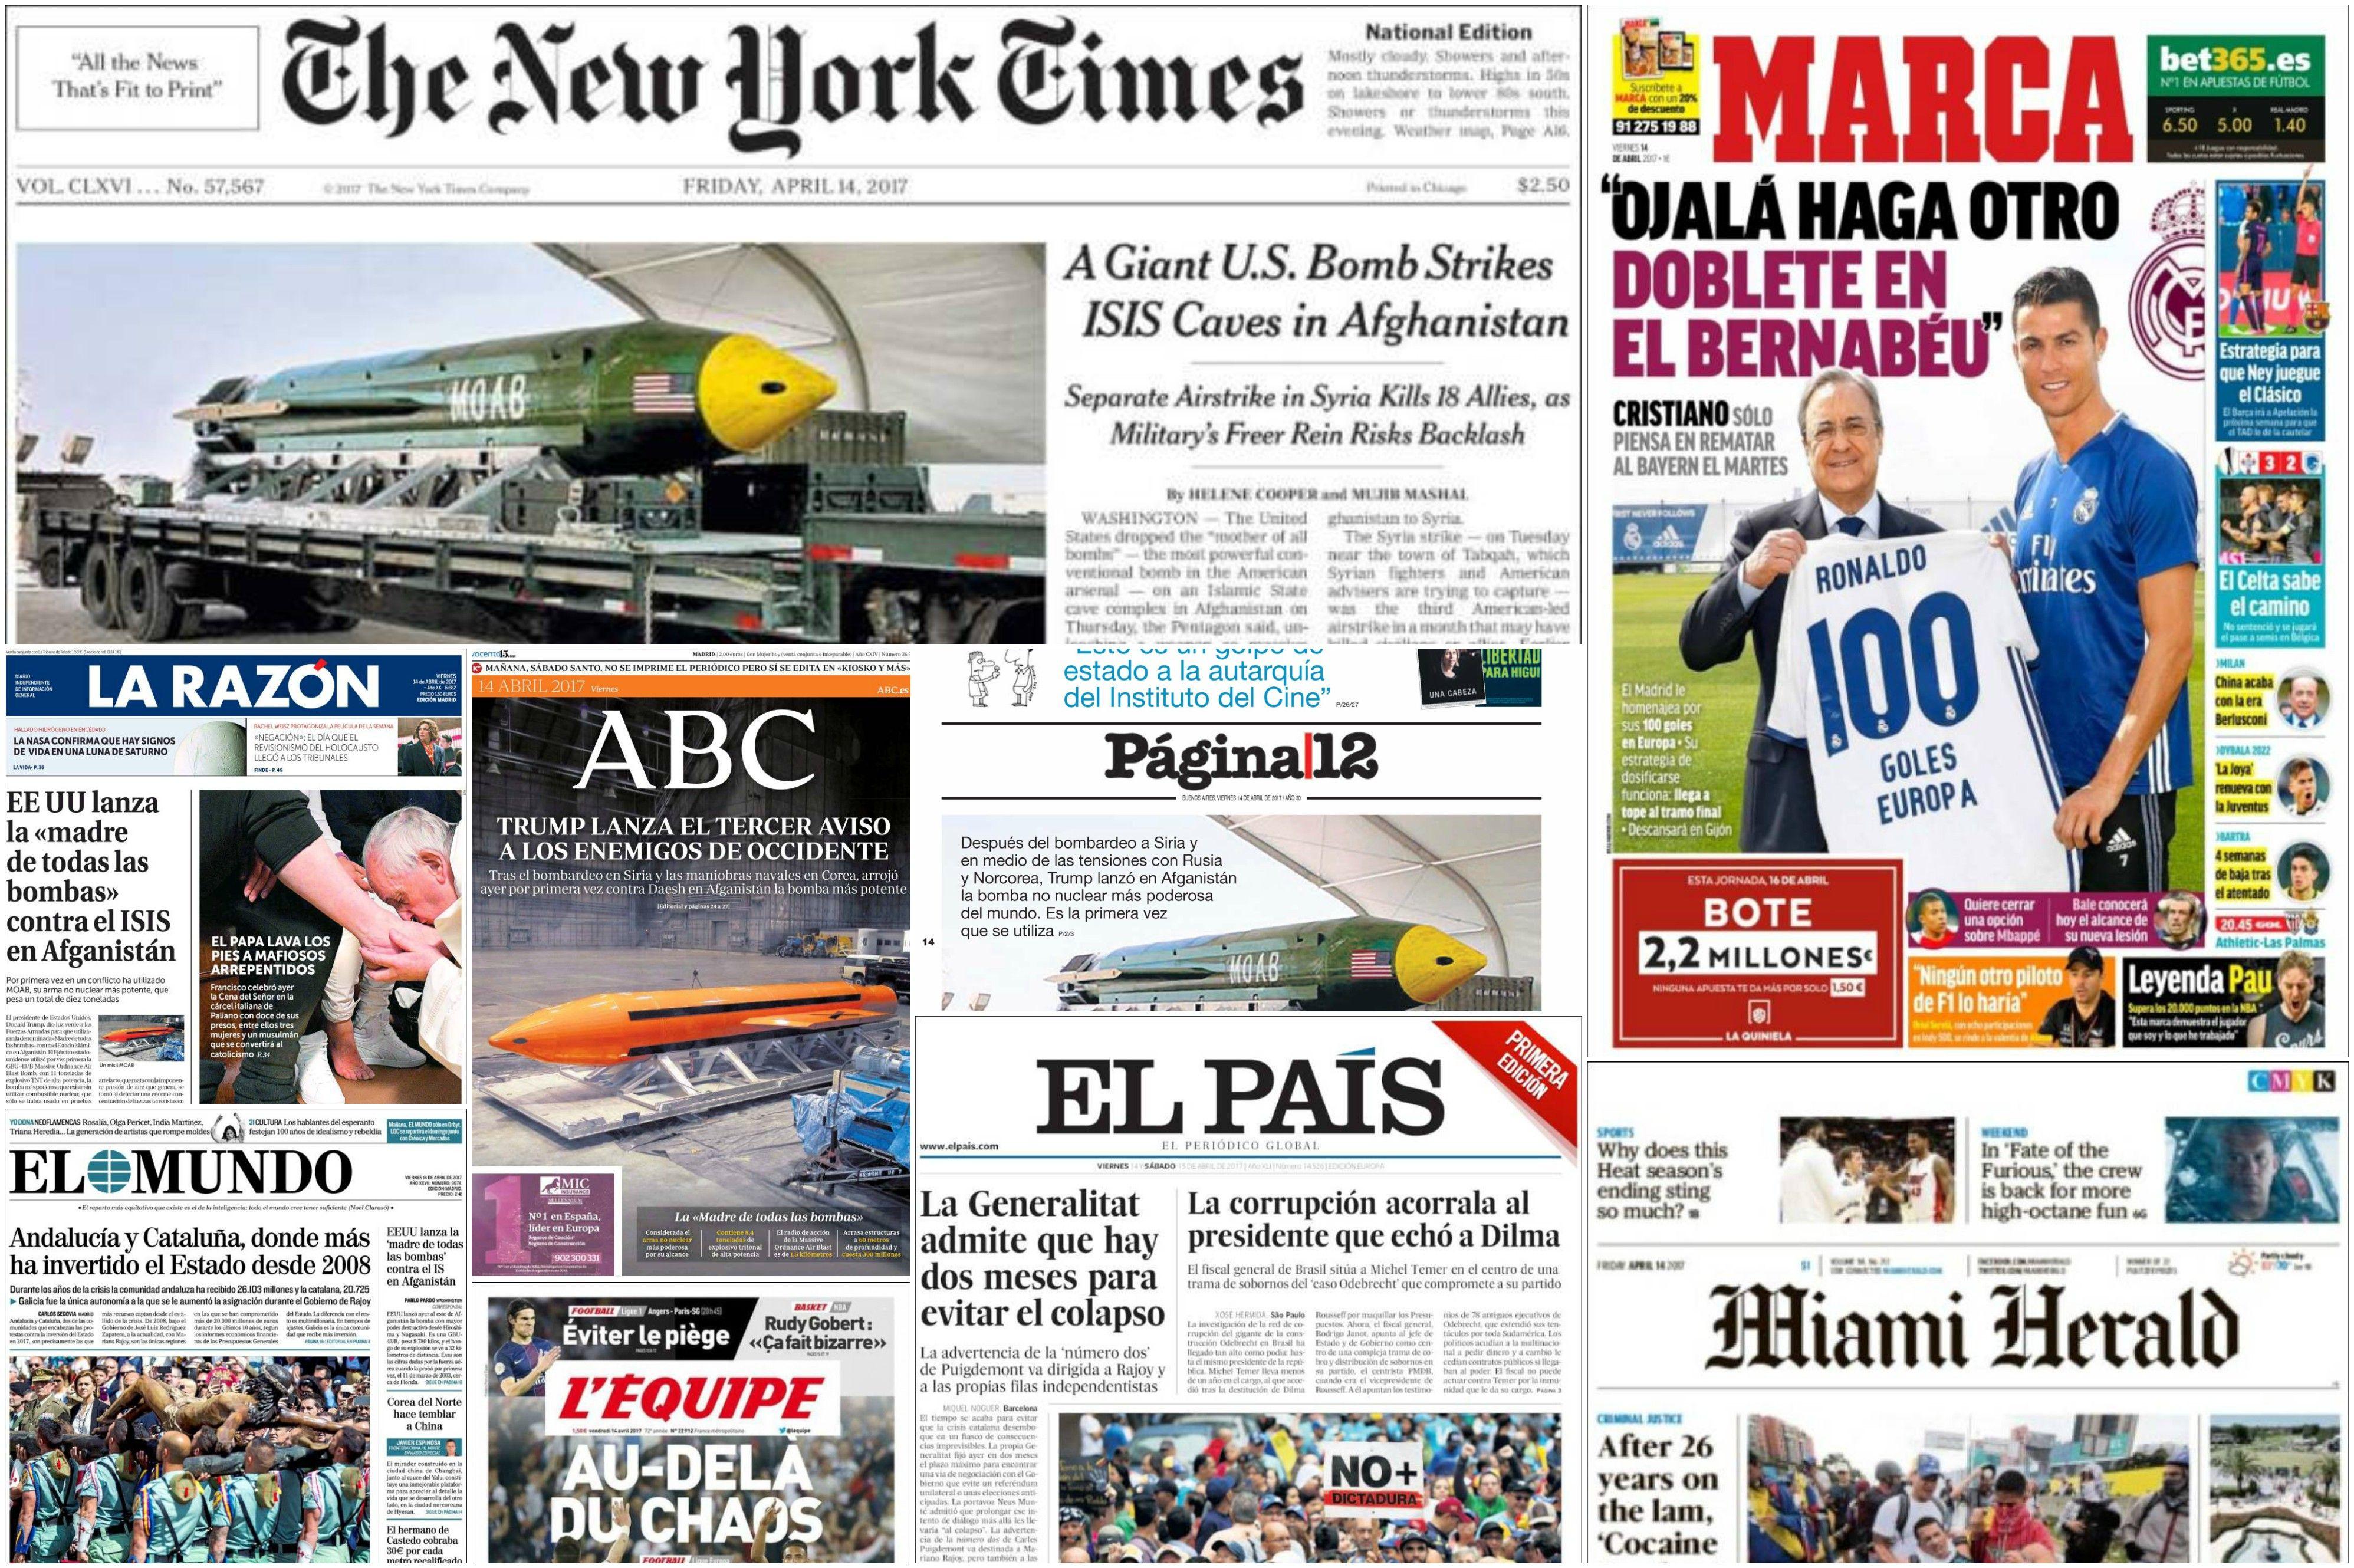 Tapas de diarios del viernes 14 de abril de 2017